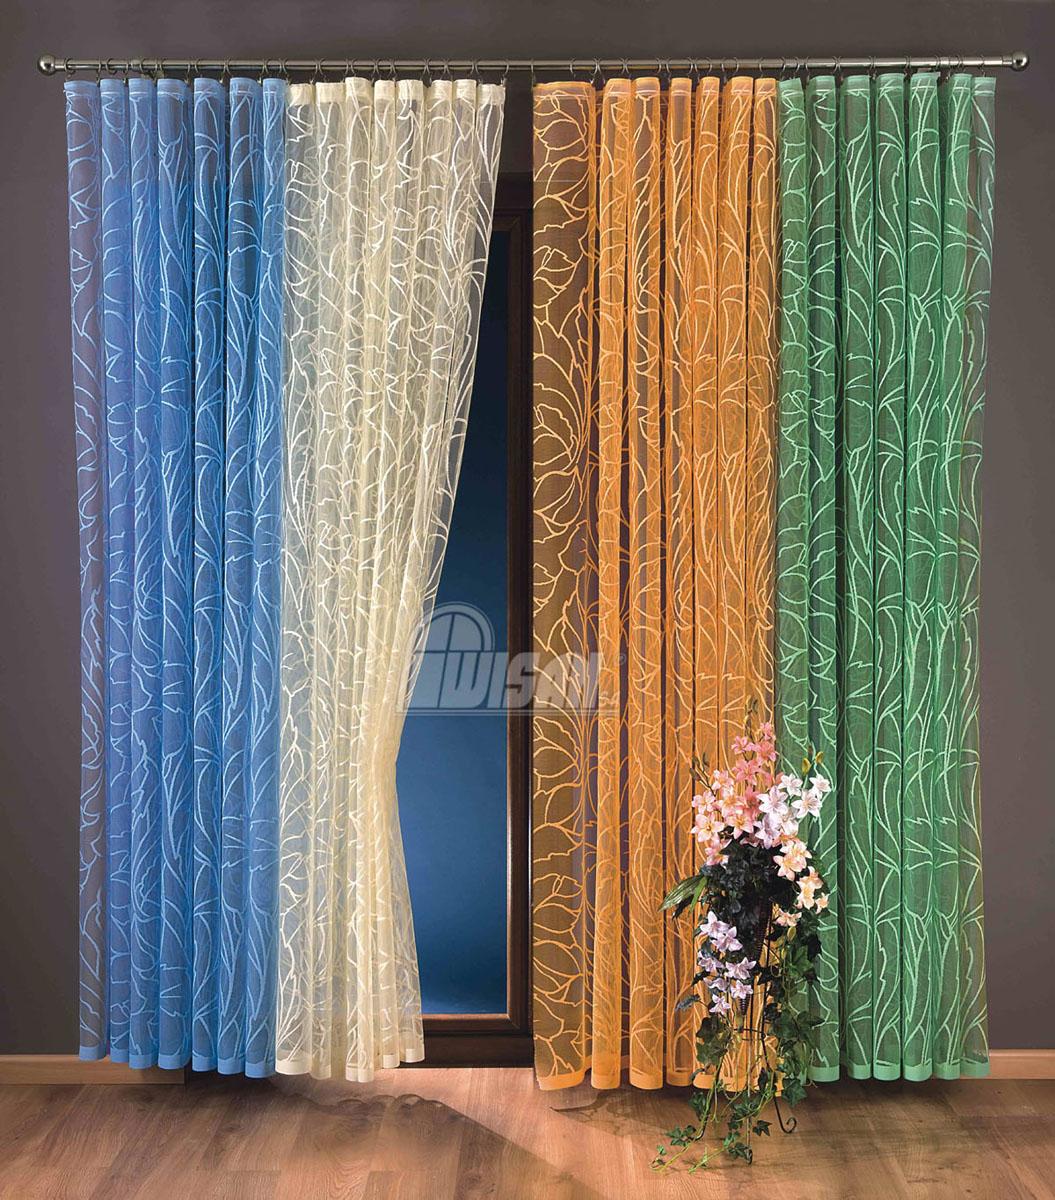 Гардина-тюль Zara, на ленте, цвет: зеленый, высота 250 см737208Воздушная гардина-тюль Zara, изготовленная из полиэстера зеленого цвета, станет великолепным украшением любого окна. Тонкое плетение, оригинальный дизайн и приятная цветовая гамма привлекут к себе внимание и органично впишутся в интерьер комнаты. В гардину-тюль вшита шторная лента. Характеристики:Материал: 100% полиэстер. Цвет: зеленый. Размер упаковки:27 см х 36 см х 2 см. Артикул: 737208.В комплект входит:Гардина-тюль - 1 шт. Размер (Ш х В): 150 см х 250 см. Фирма Wisan на польском рынке существует уже более пятидесяти лет и является одной из лучших польских фабрик по производству штор и тканей. Ассортимент фирмы представлен готовыми комплектами штор для гостиной, детской, кухни, а также текстилем для кухни (скатерти, салфетки, дорожки, кухонные занавески). Модельный ряд отличает оригинальный дизайн, высокое качество. Ассортимент продукции постоянно пополняется.УВАЖАЕМЫЕ КЛИЕНТЫ!Обращаем ваше внимание на цвет изделия. Цветовой вариант гардины-тюли, данной в интерьере, служит для визуального восприятия товара. Цветовая гамма данной гардины-тюли представлена на отдельном изображении фрагментом ткани.